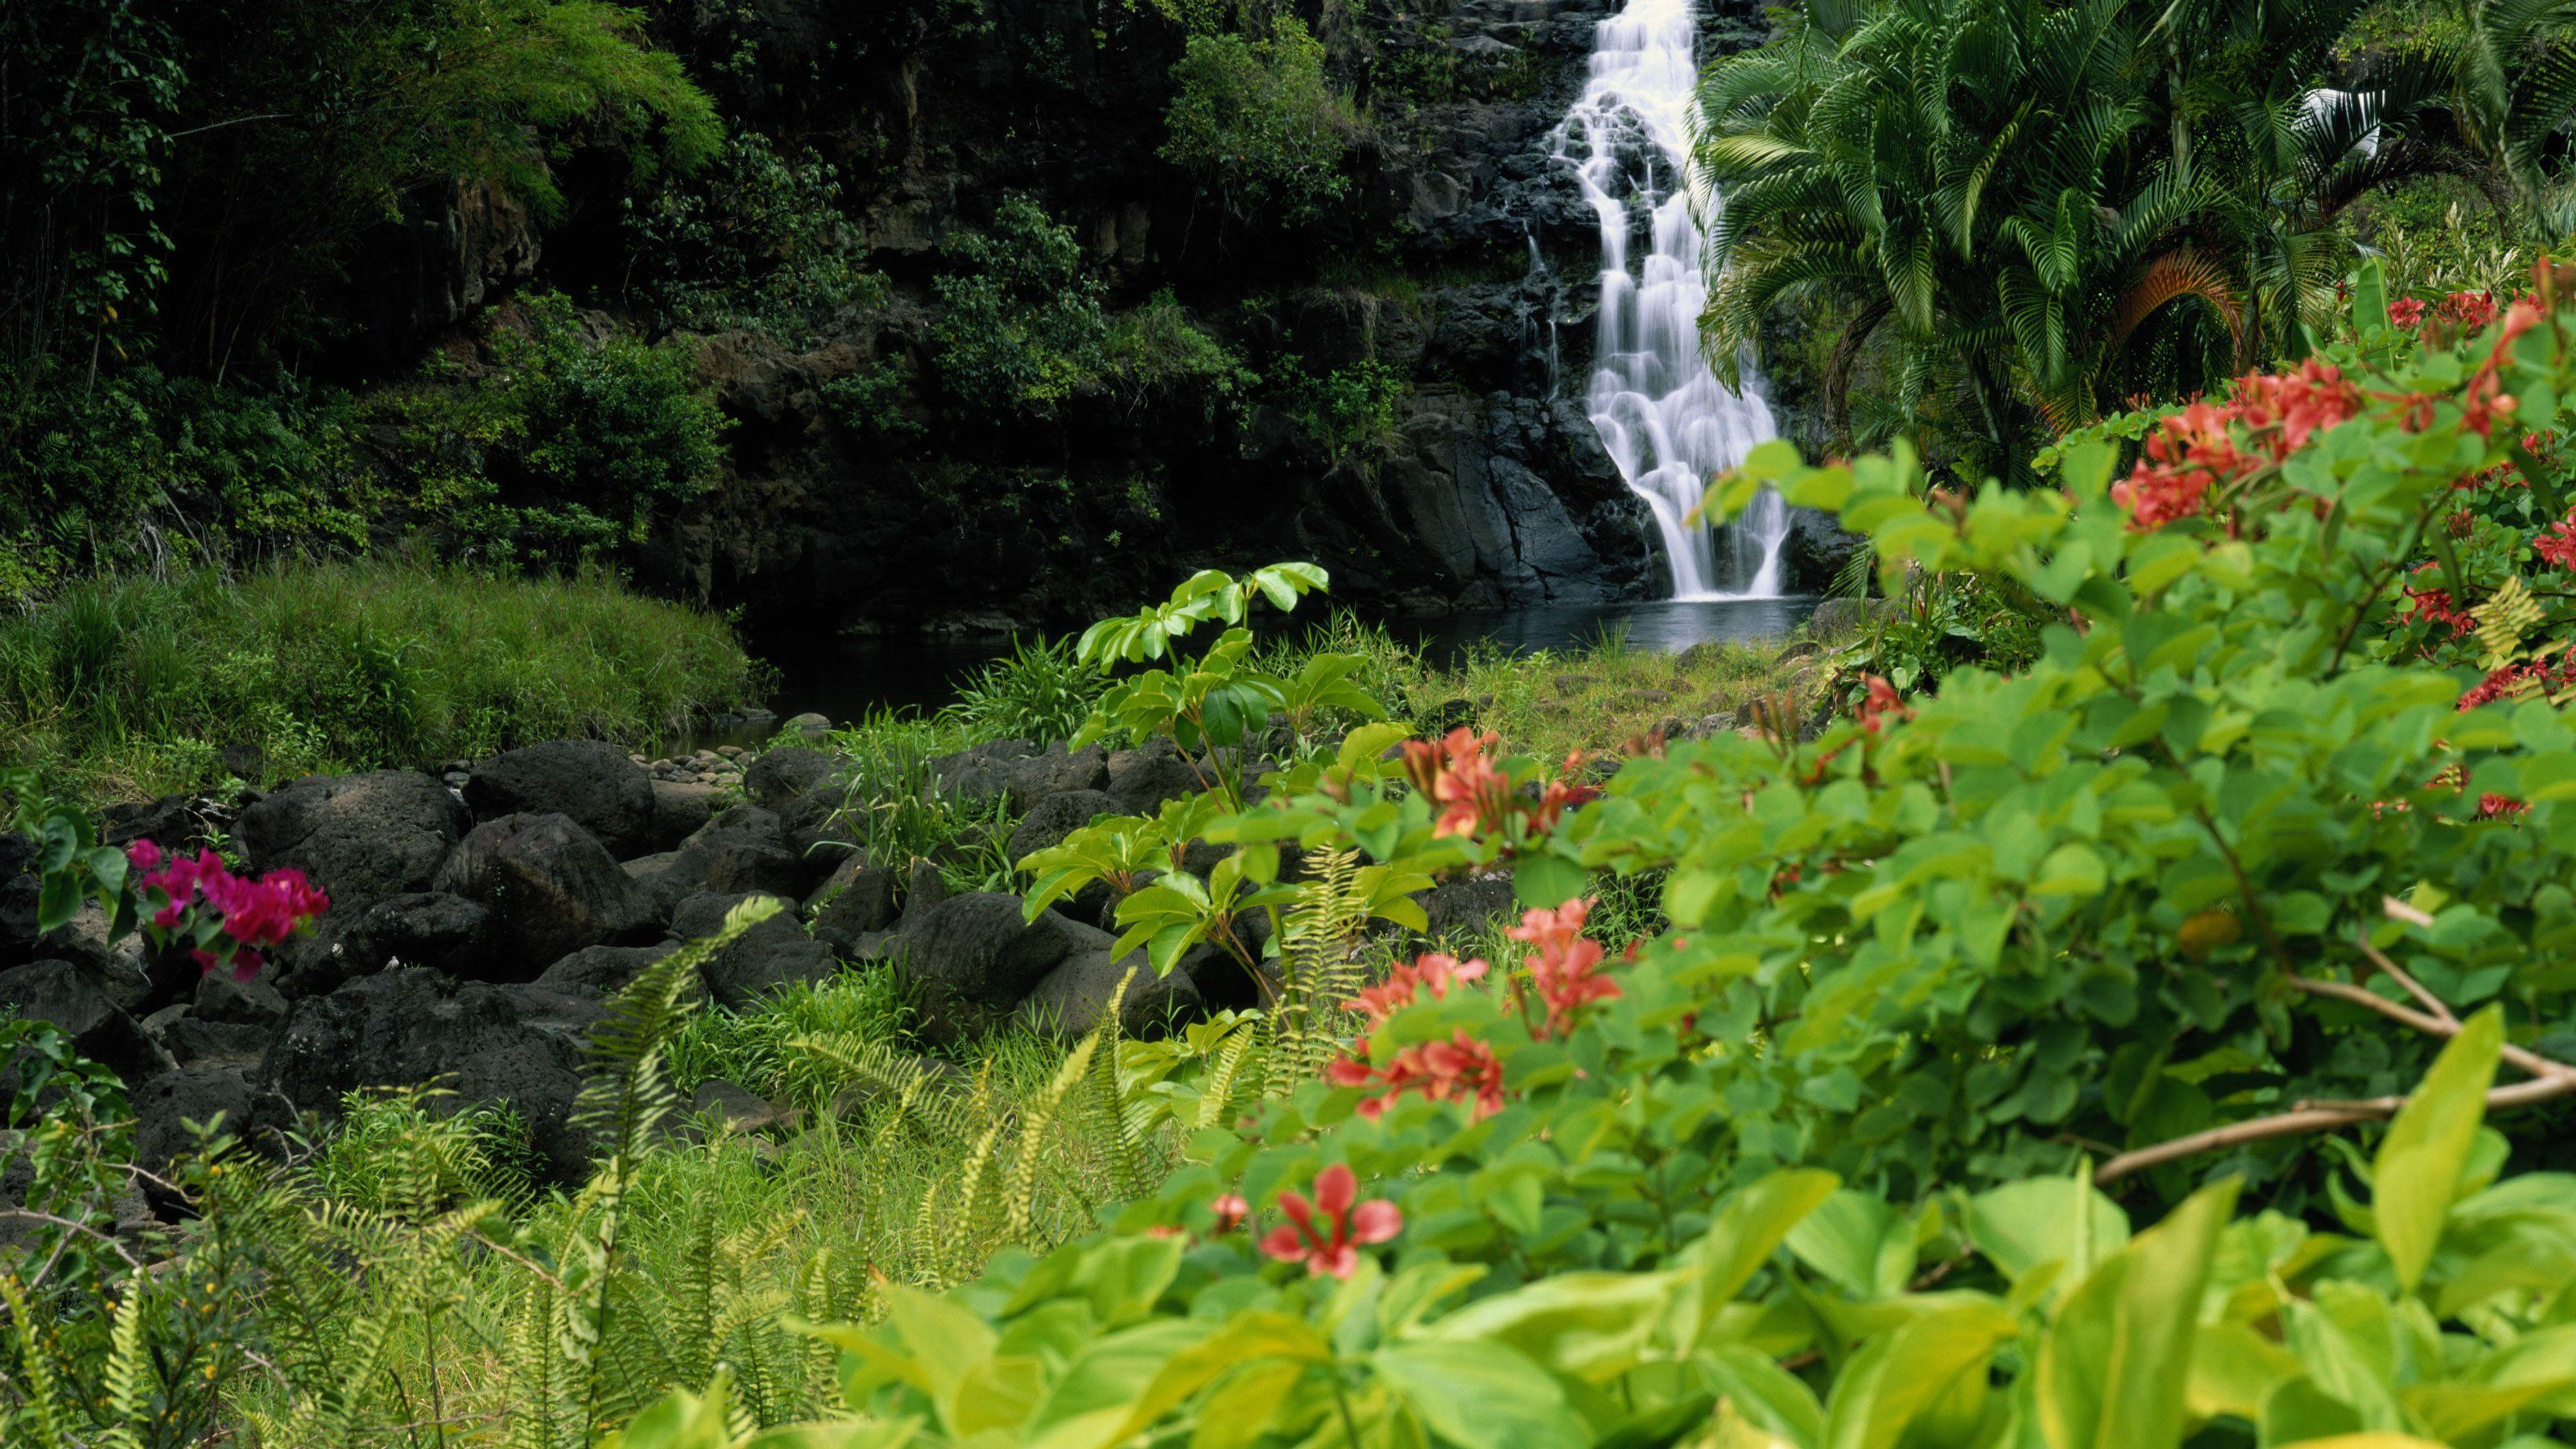 Landscape of plants near a waterfall in Maui Hawaii